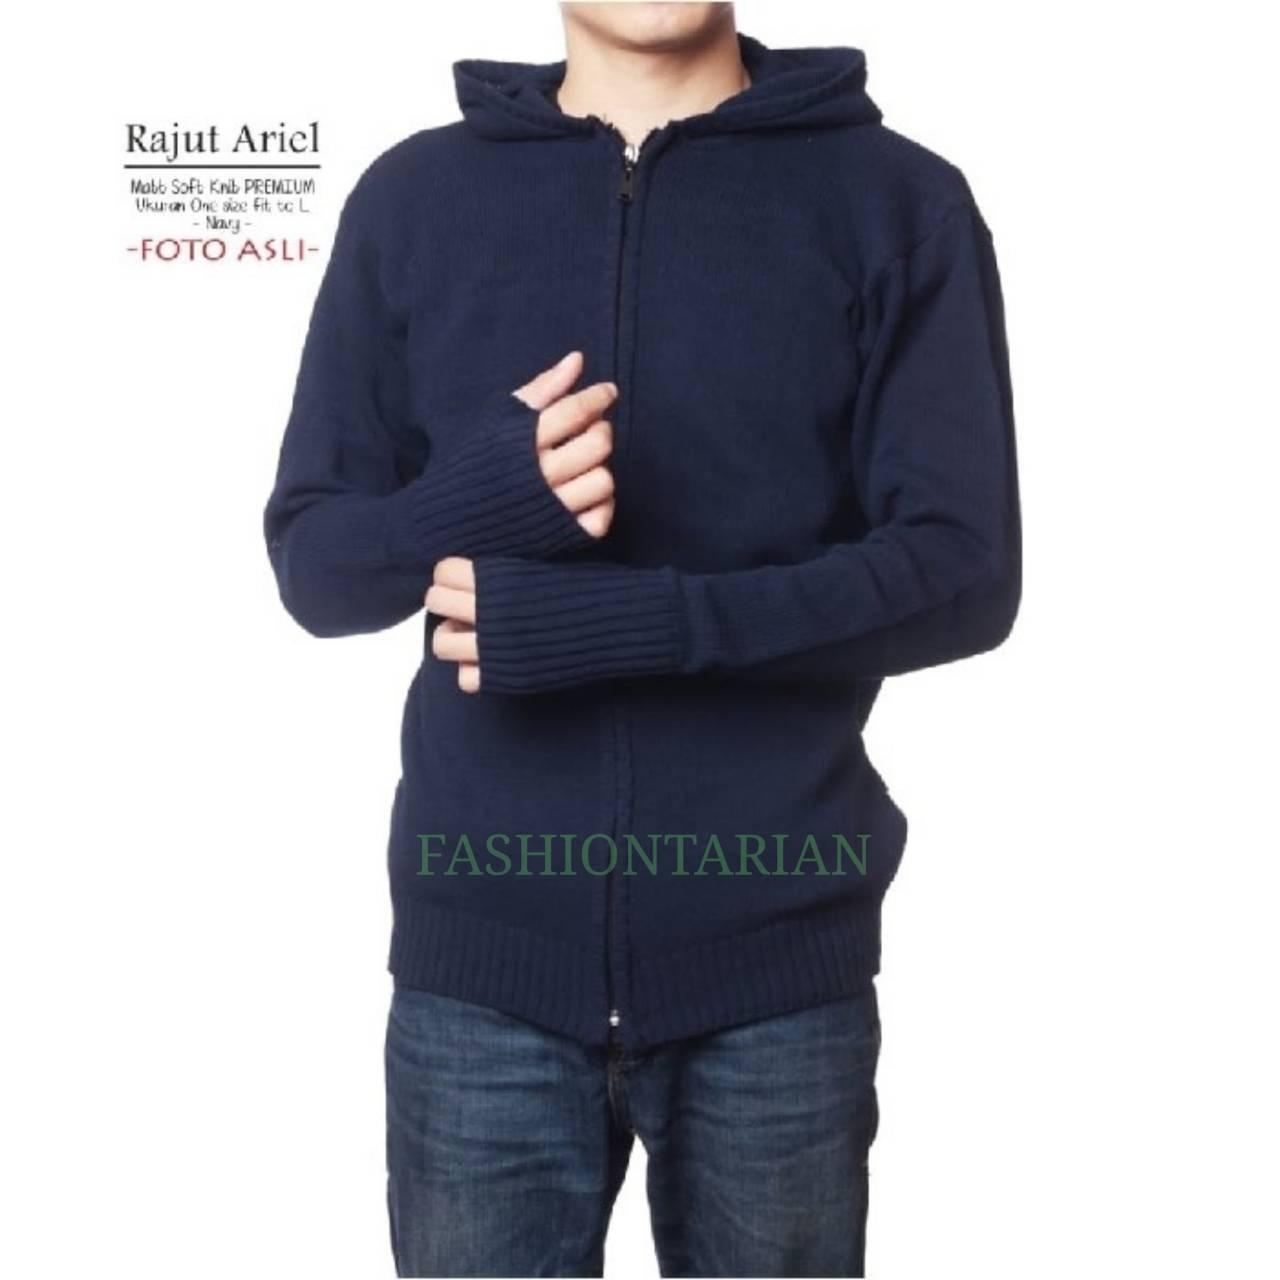 Sweater Rajut Ariel Clasic Finger-UNISEX